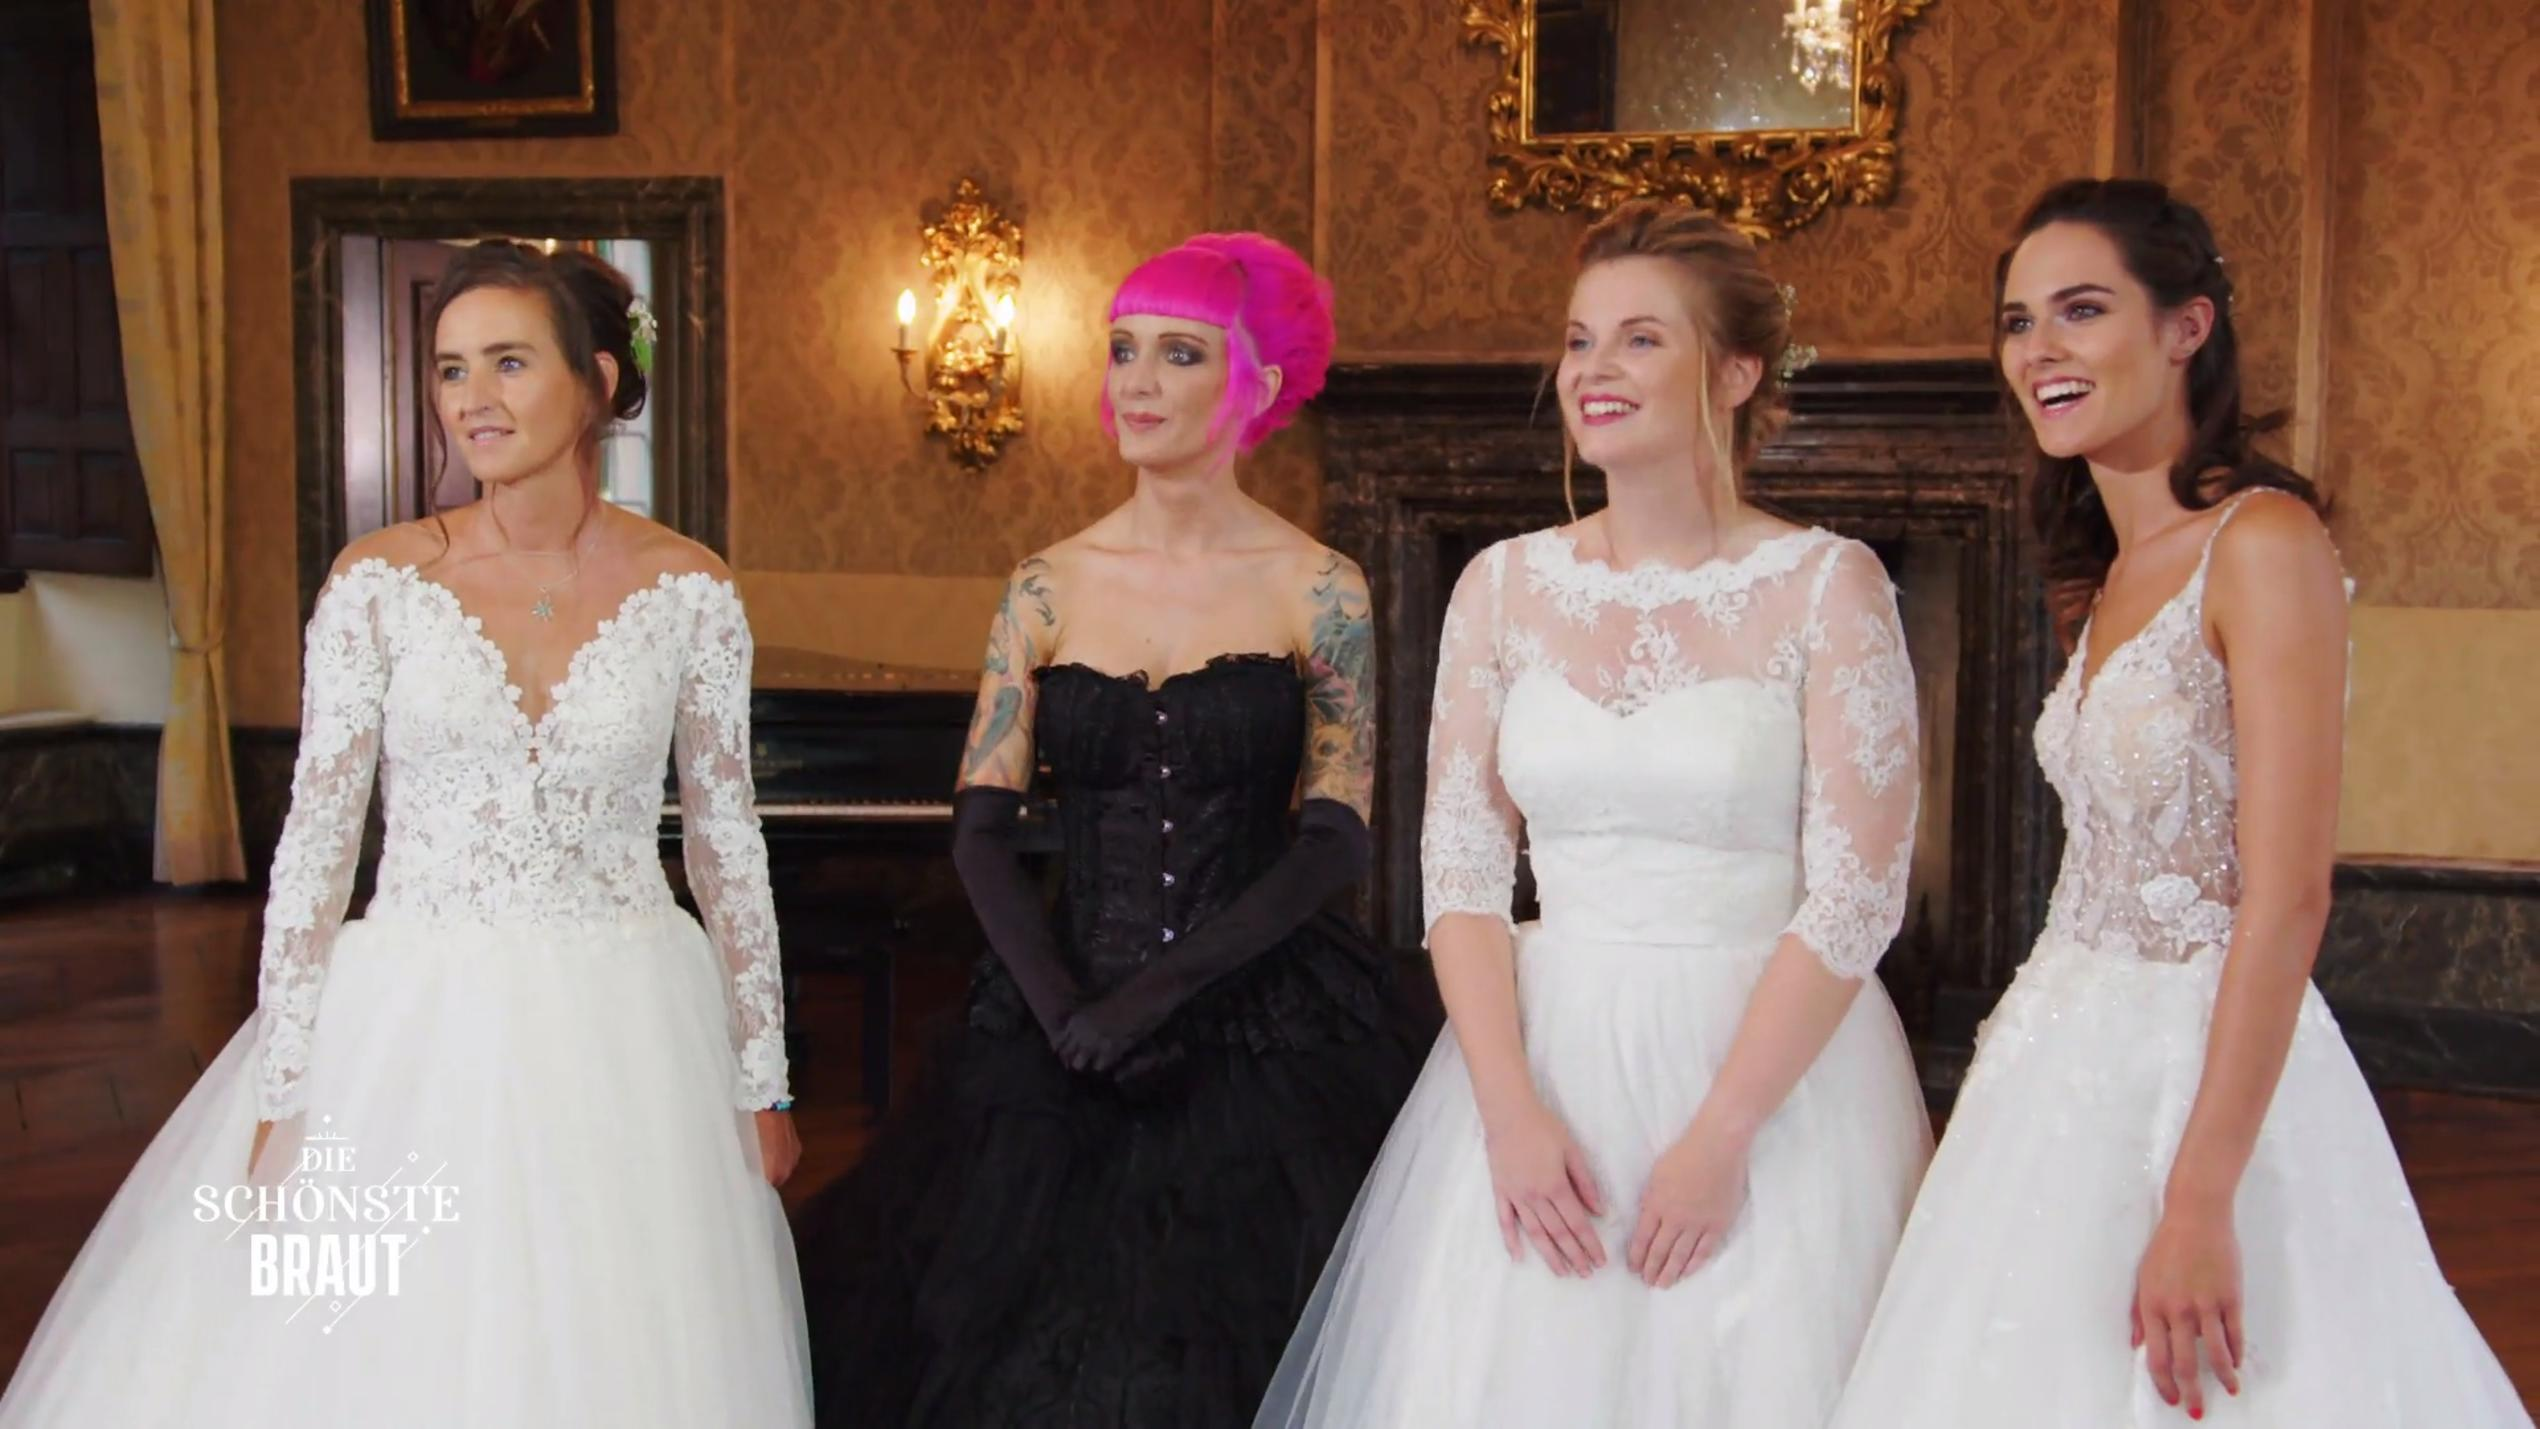 Die Schönste Braut Vox